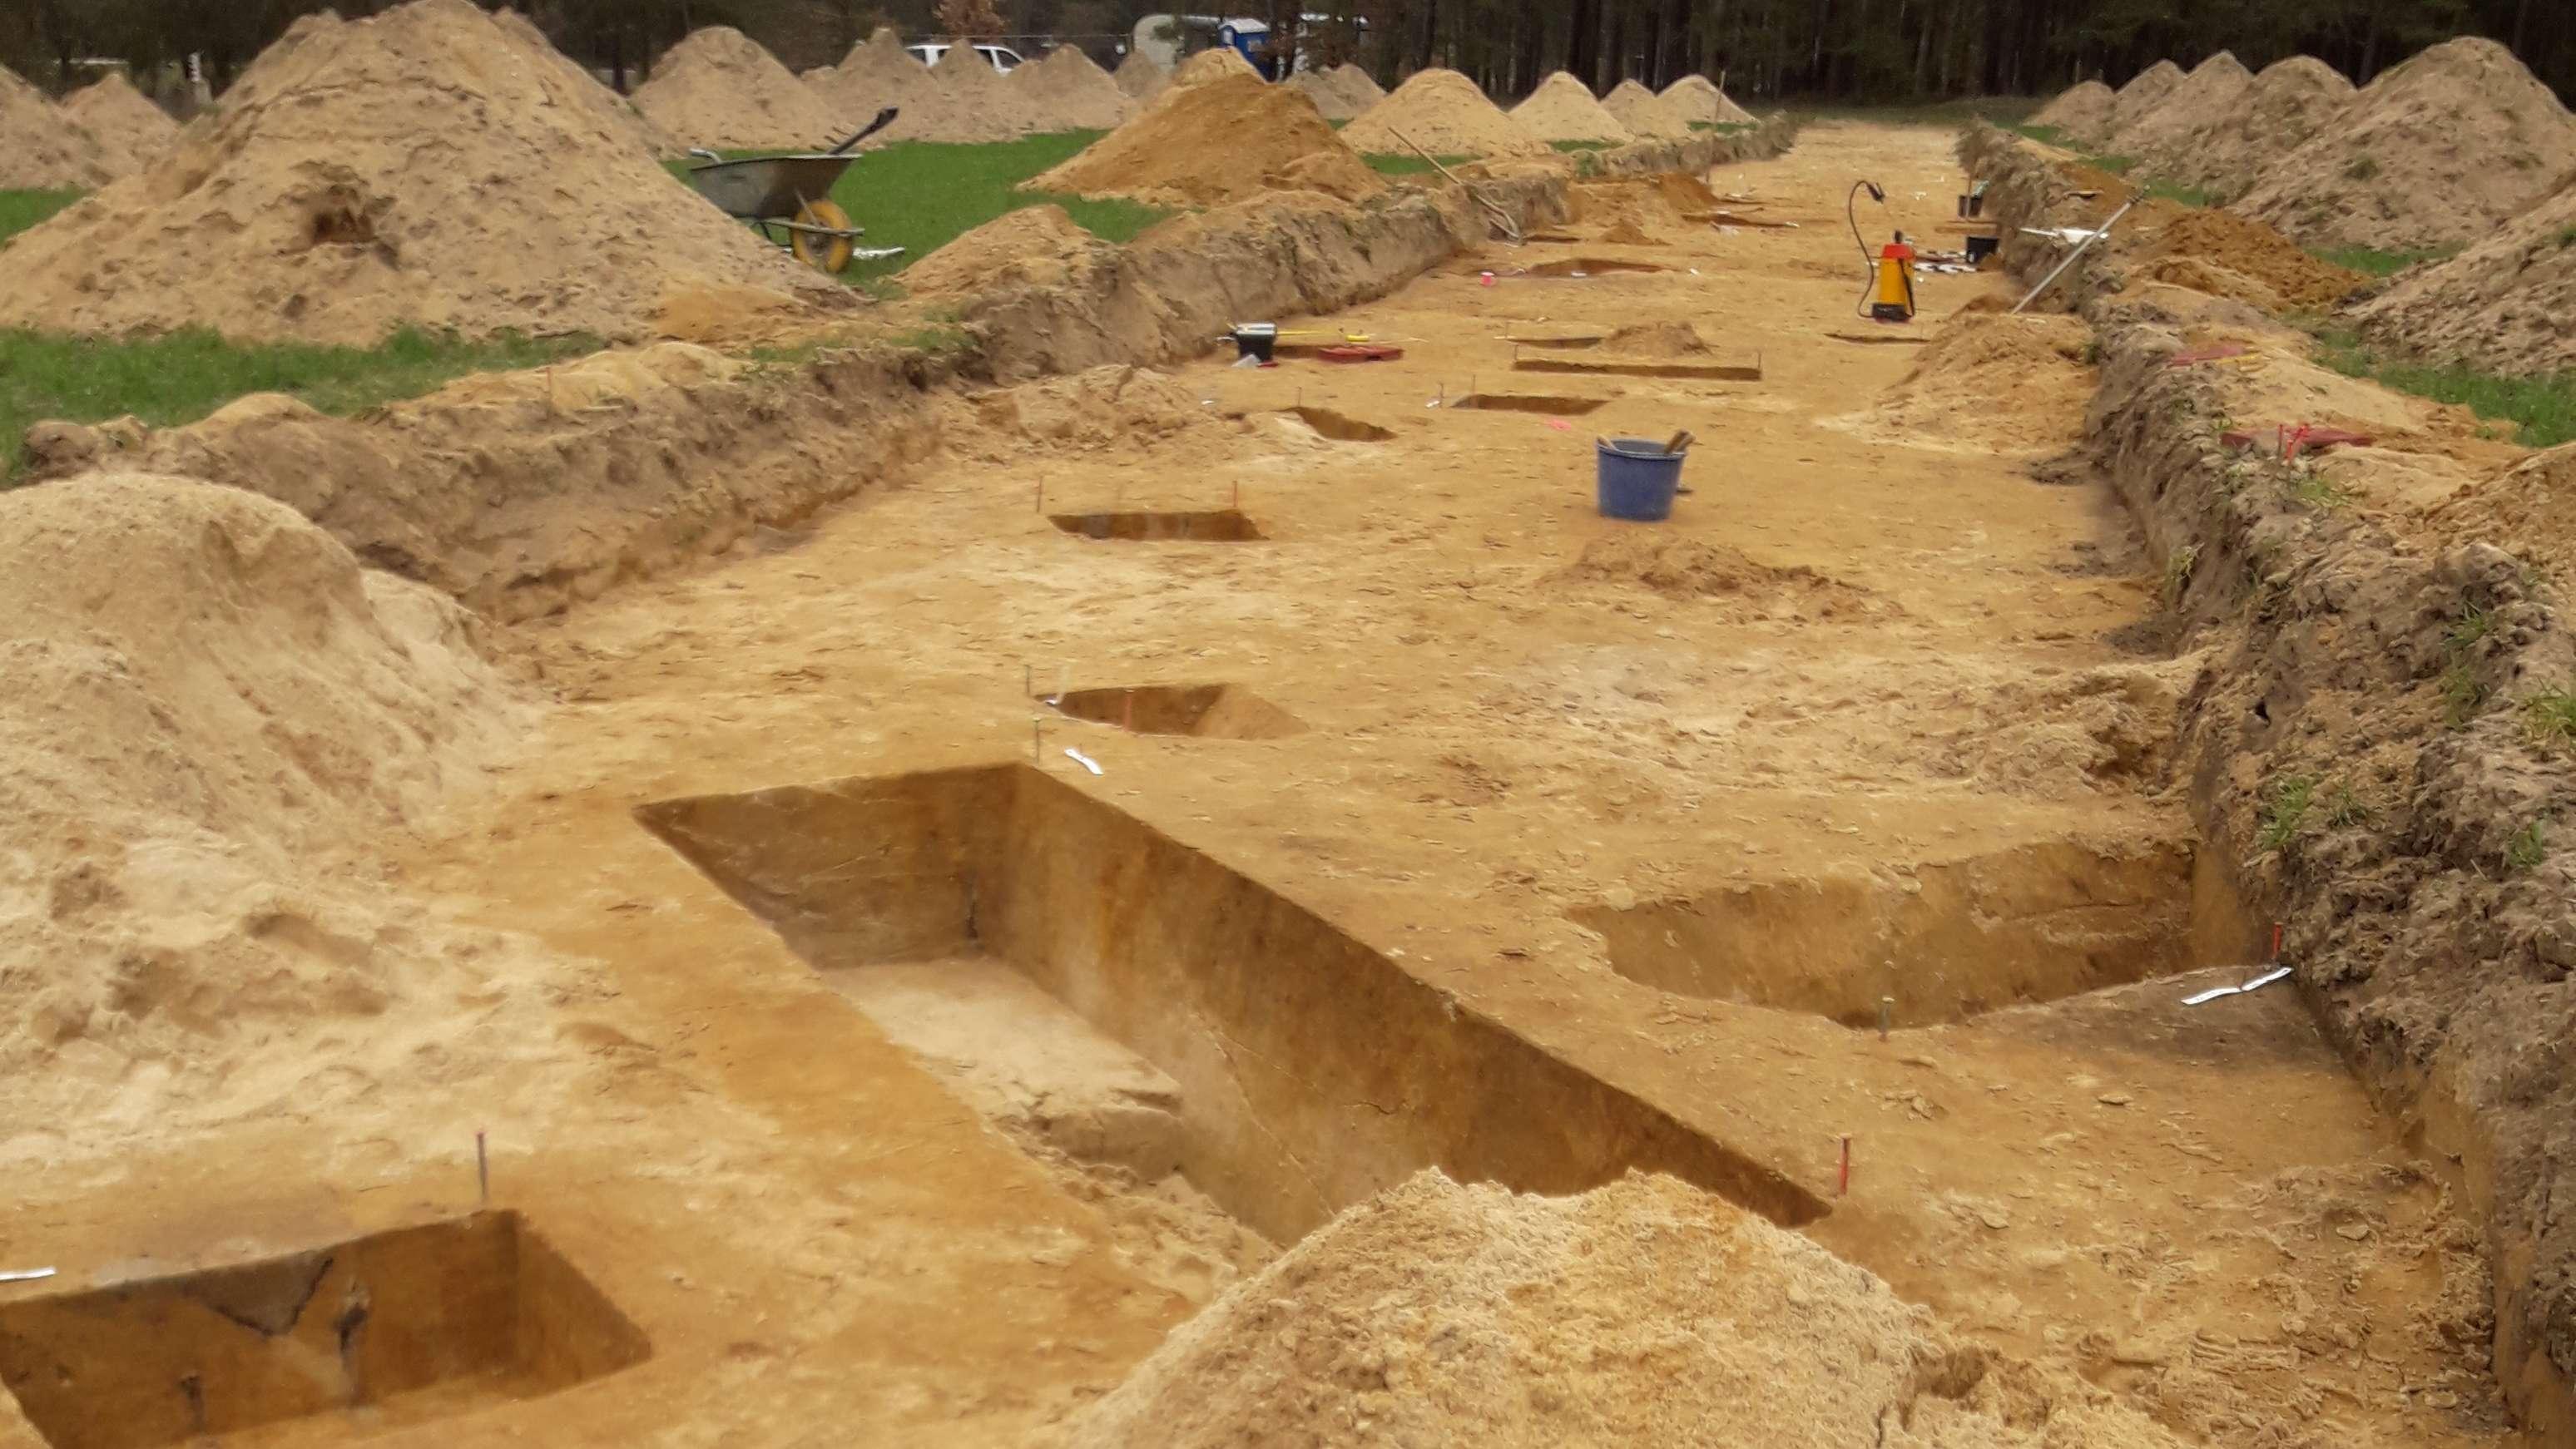 Ausgrabungsarbeiten in der Nähe von Erlangen